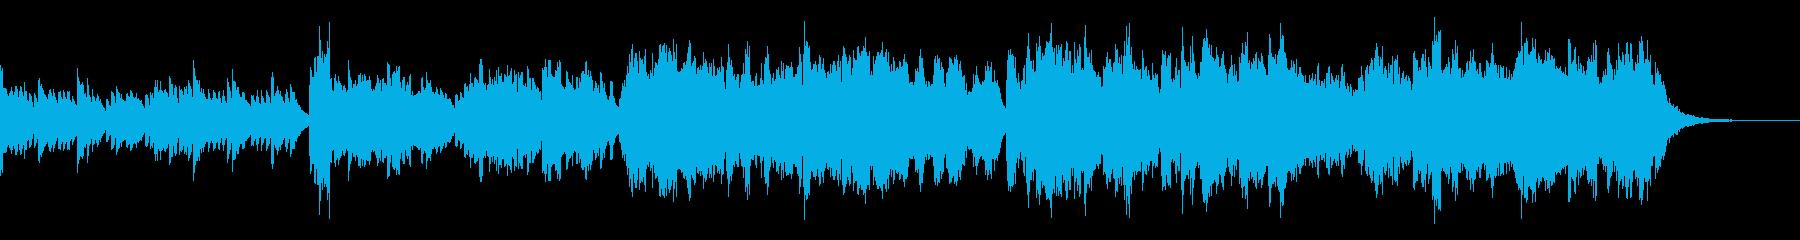 暗いピアノとヴァイオリンBGMの再生済みの波形